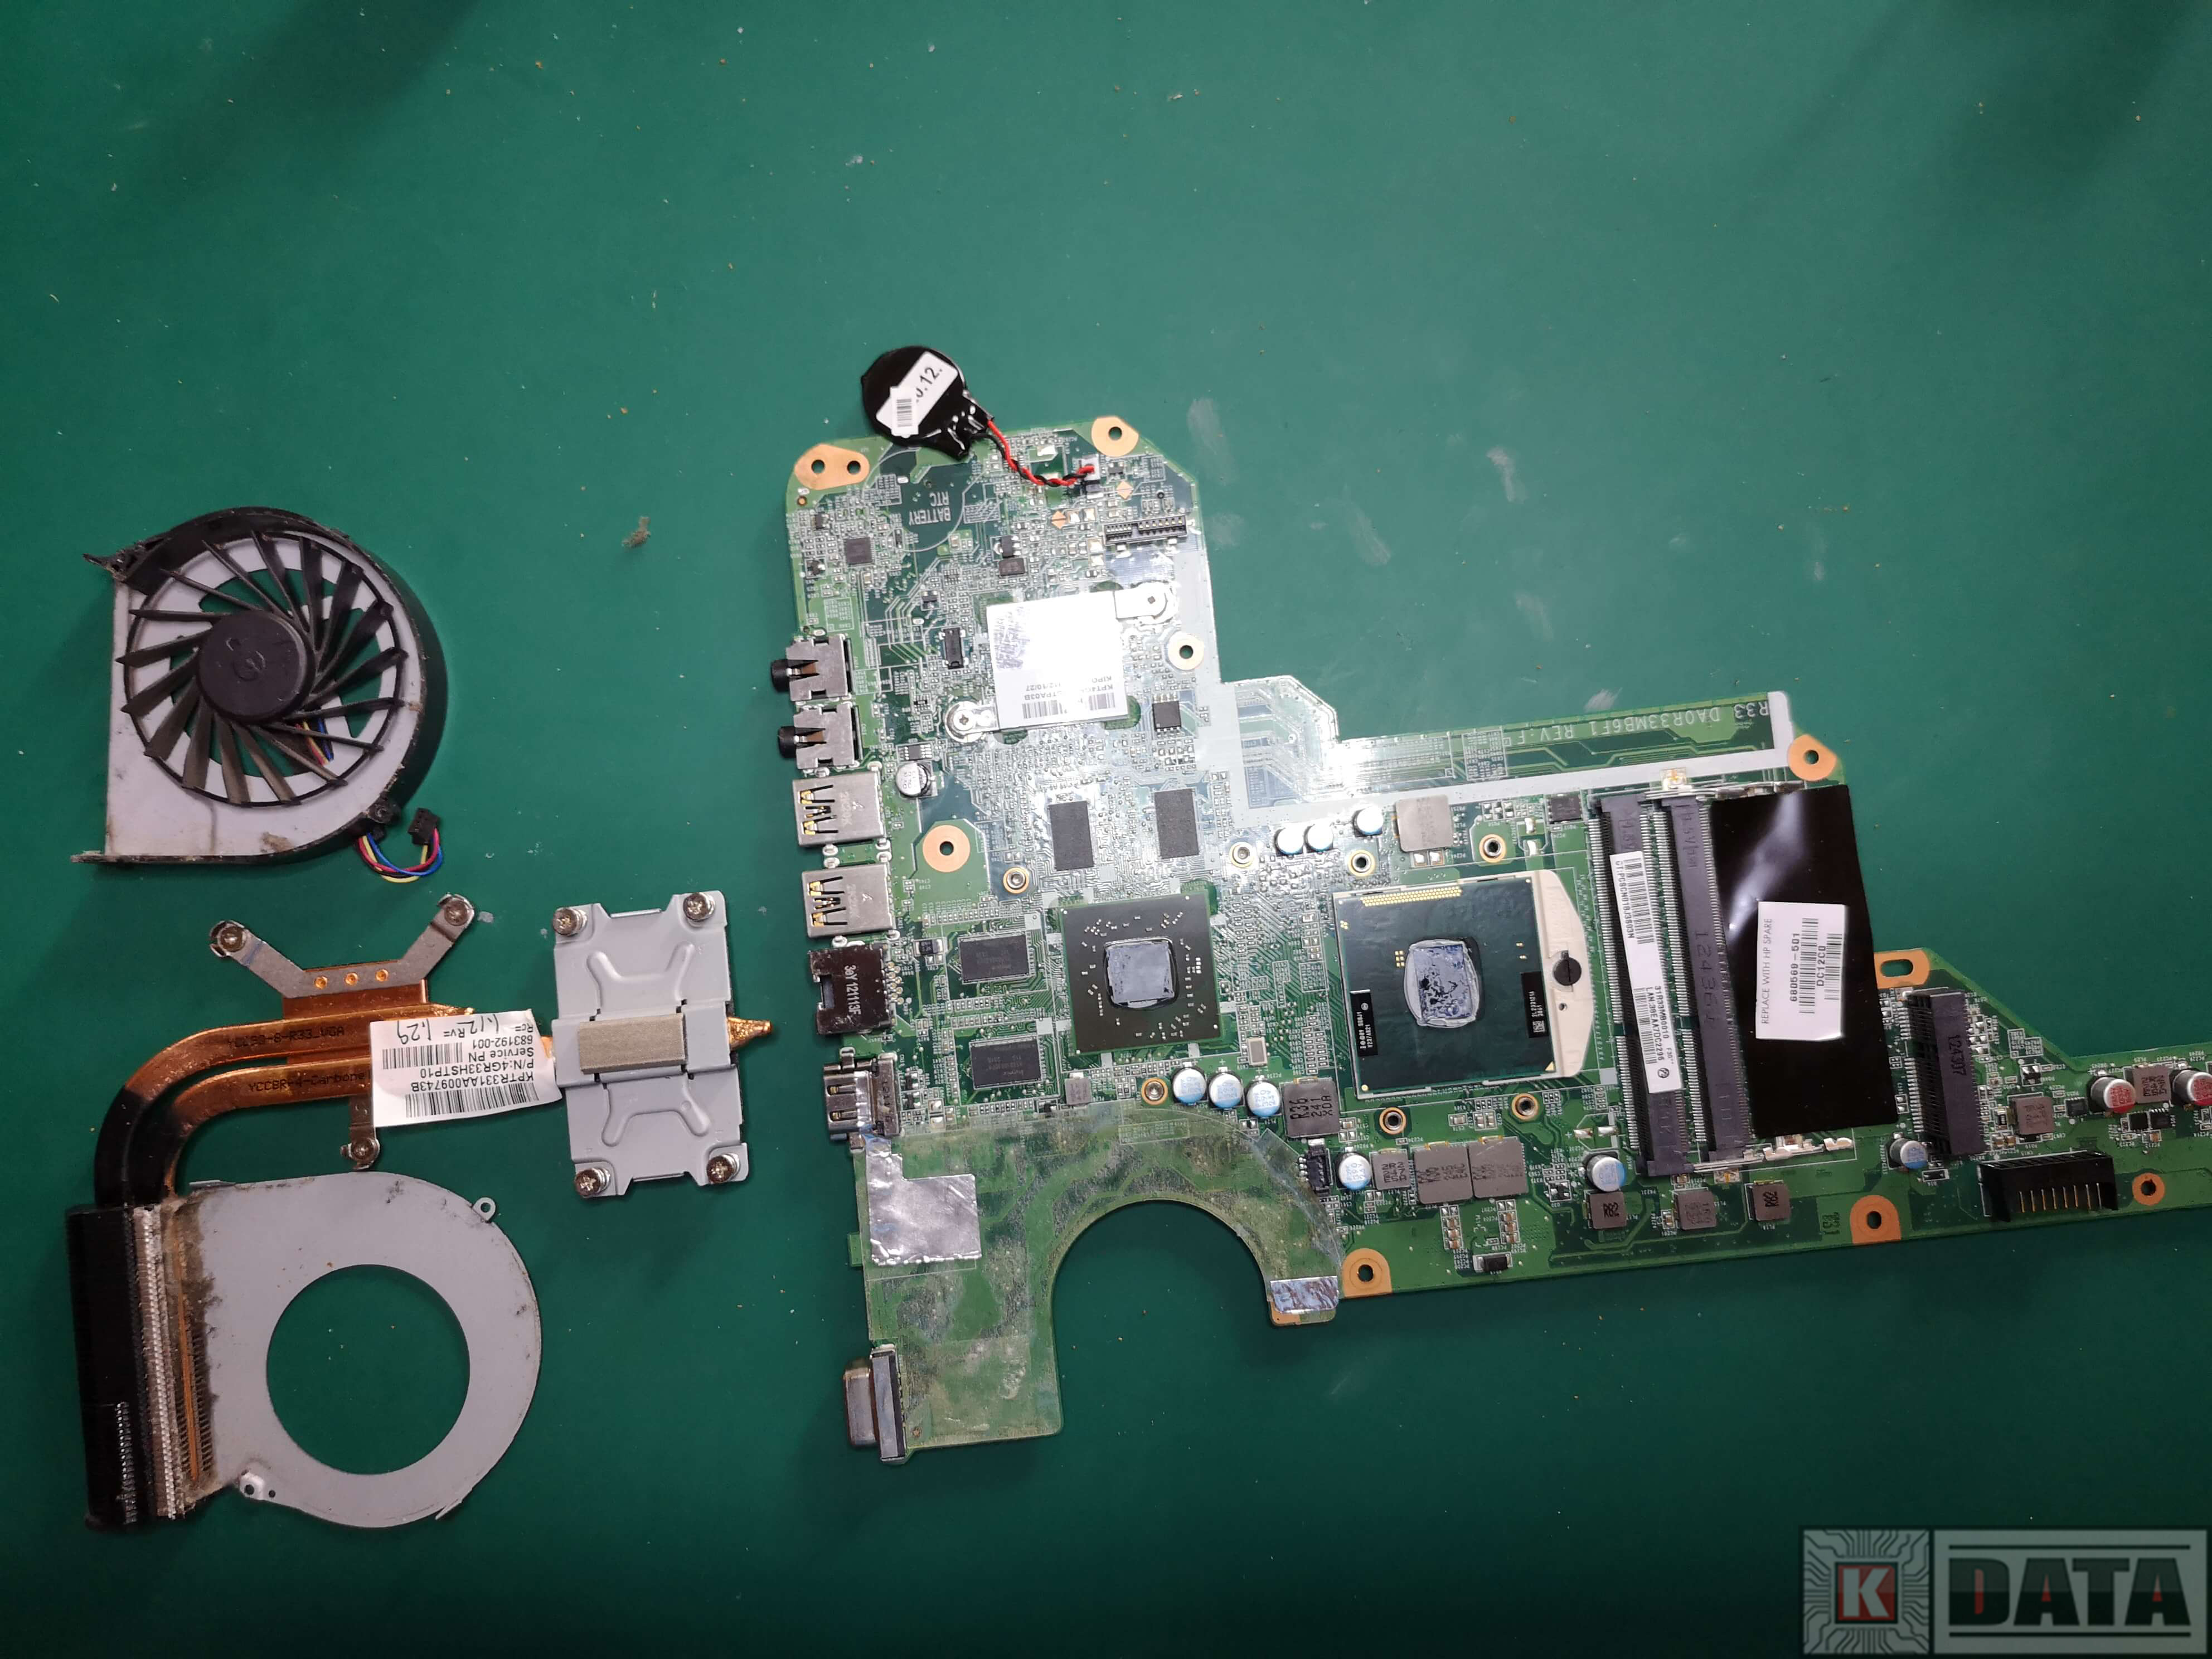 HP Pavilion G7 płyta główna, radiator i wentylator